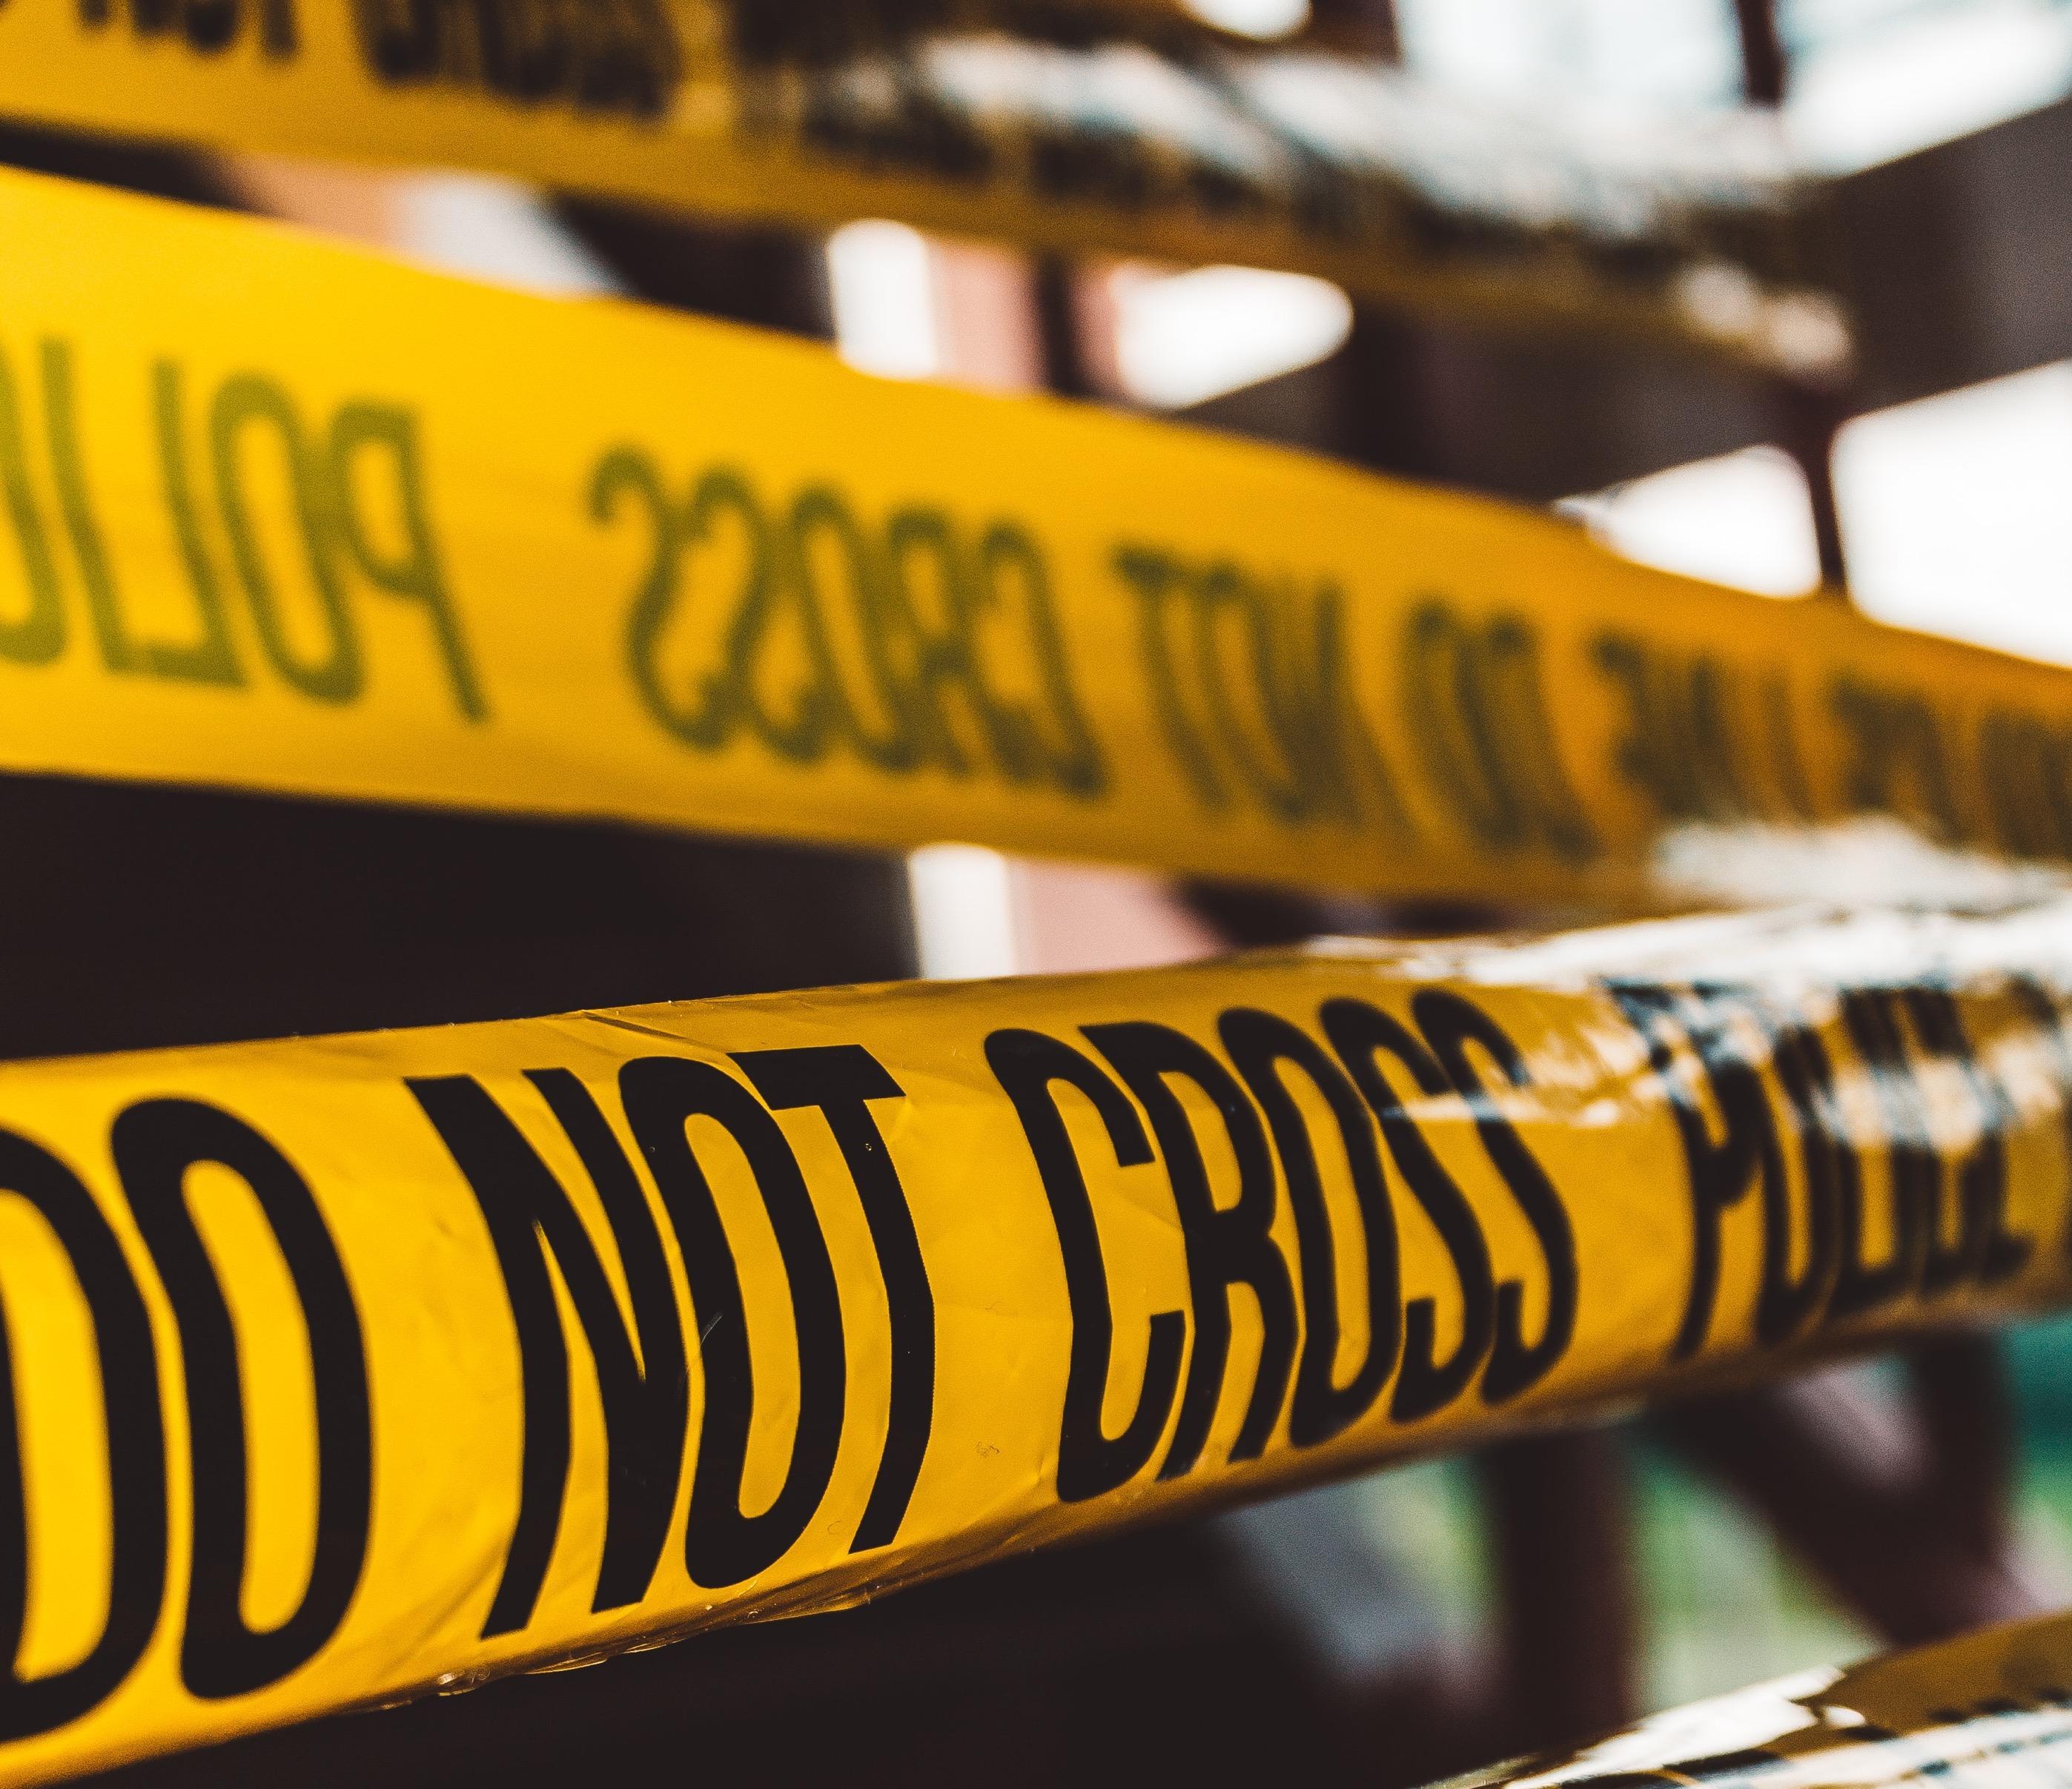 Reportagens literárias trazem o clima de suspense da literatura policial